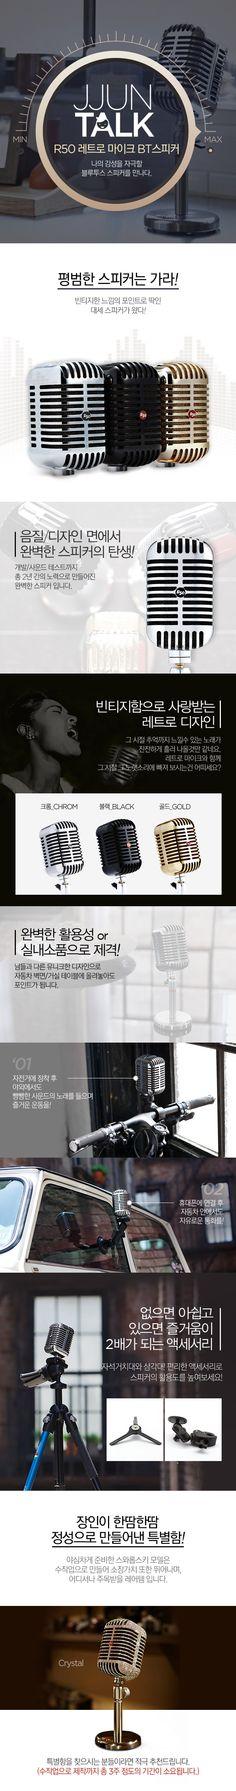 :::::롯데닷컴 스토리샵::::: 쭌톡-R50 레트로 마이크 BT 스피커 Designed by 박지원